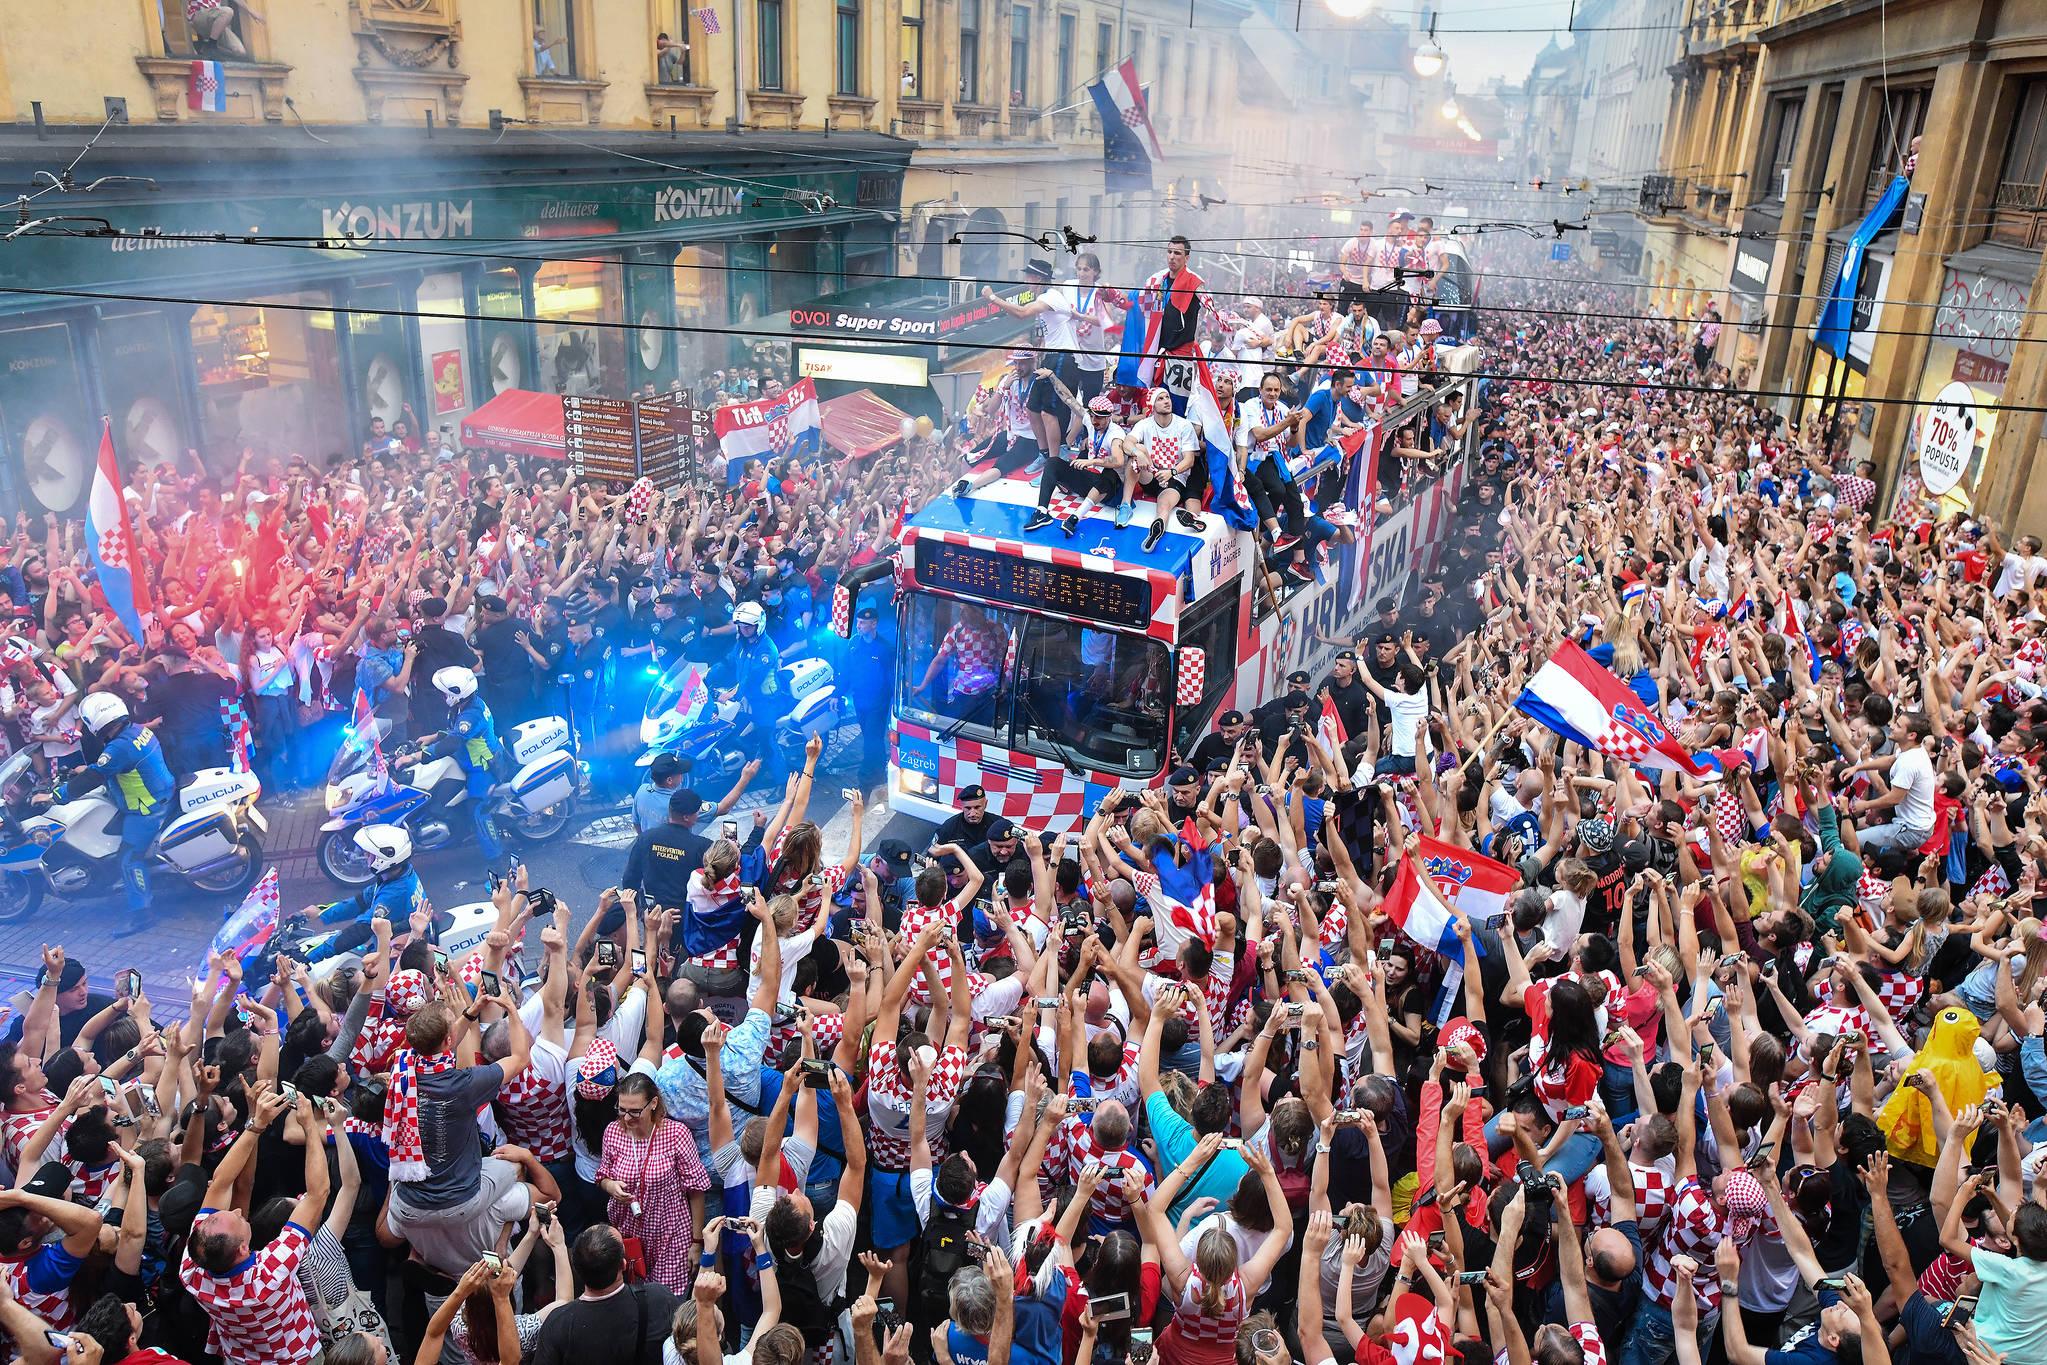 크로아티아 대표팀 선수들이 시민들의 환호를 받으며 공항에서 자그레브 광장으로 이동하고 있다. [신화=연합뉴스]